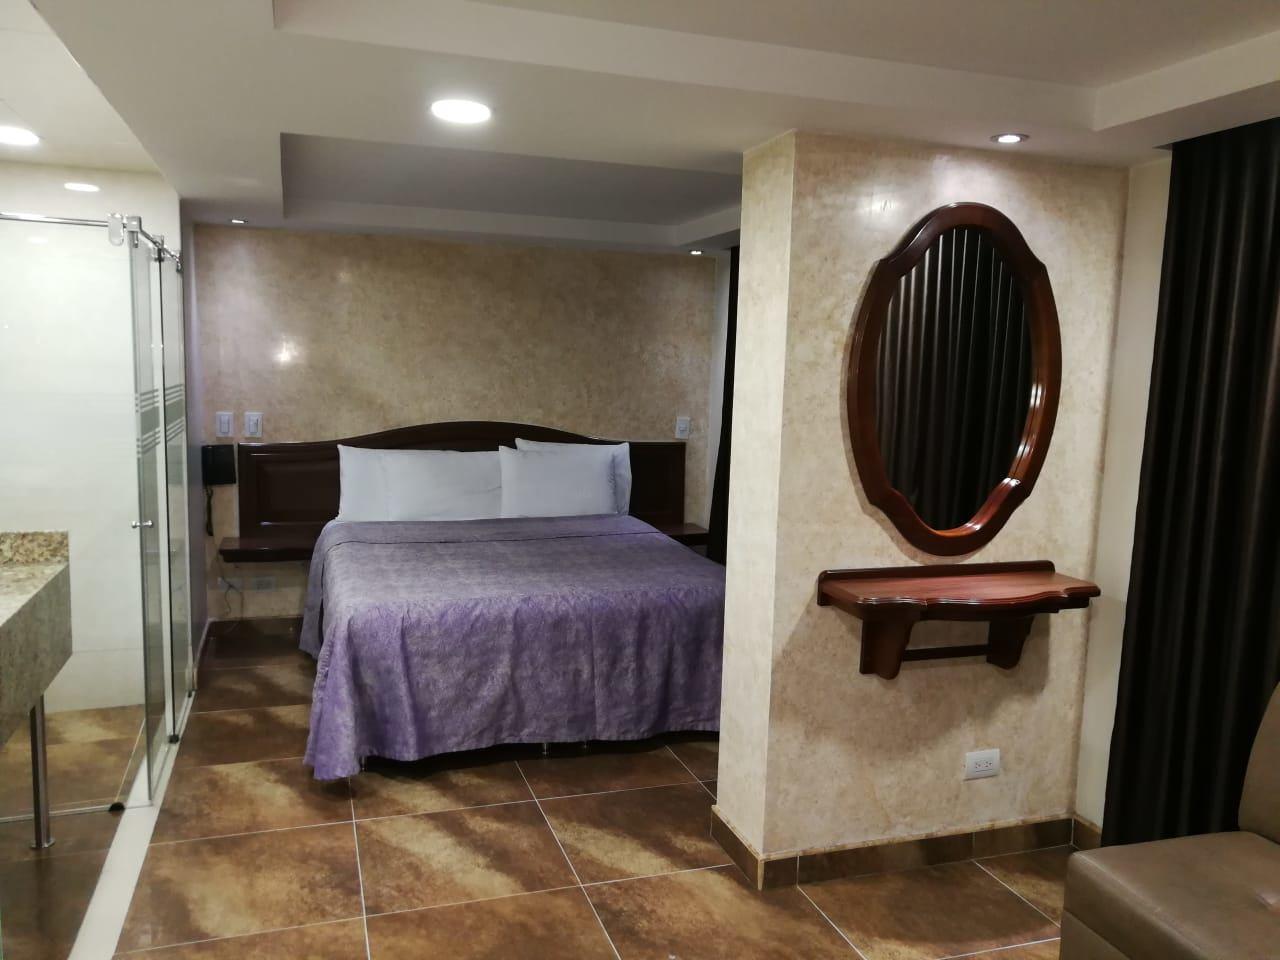 Habitación Especial con Silla Erótica en Amoblados El Romance : MotelNow